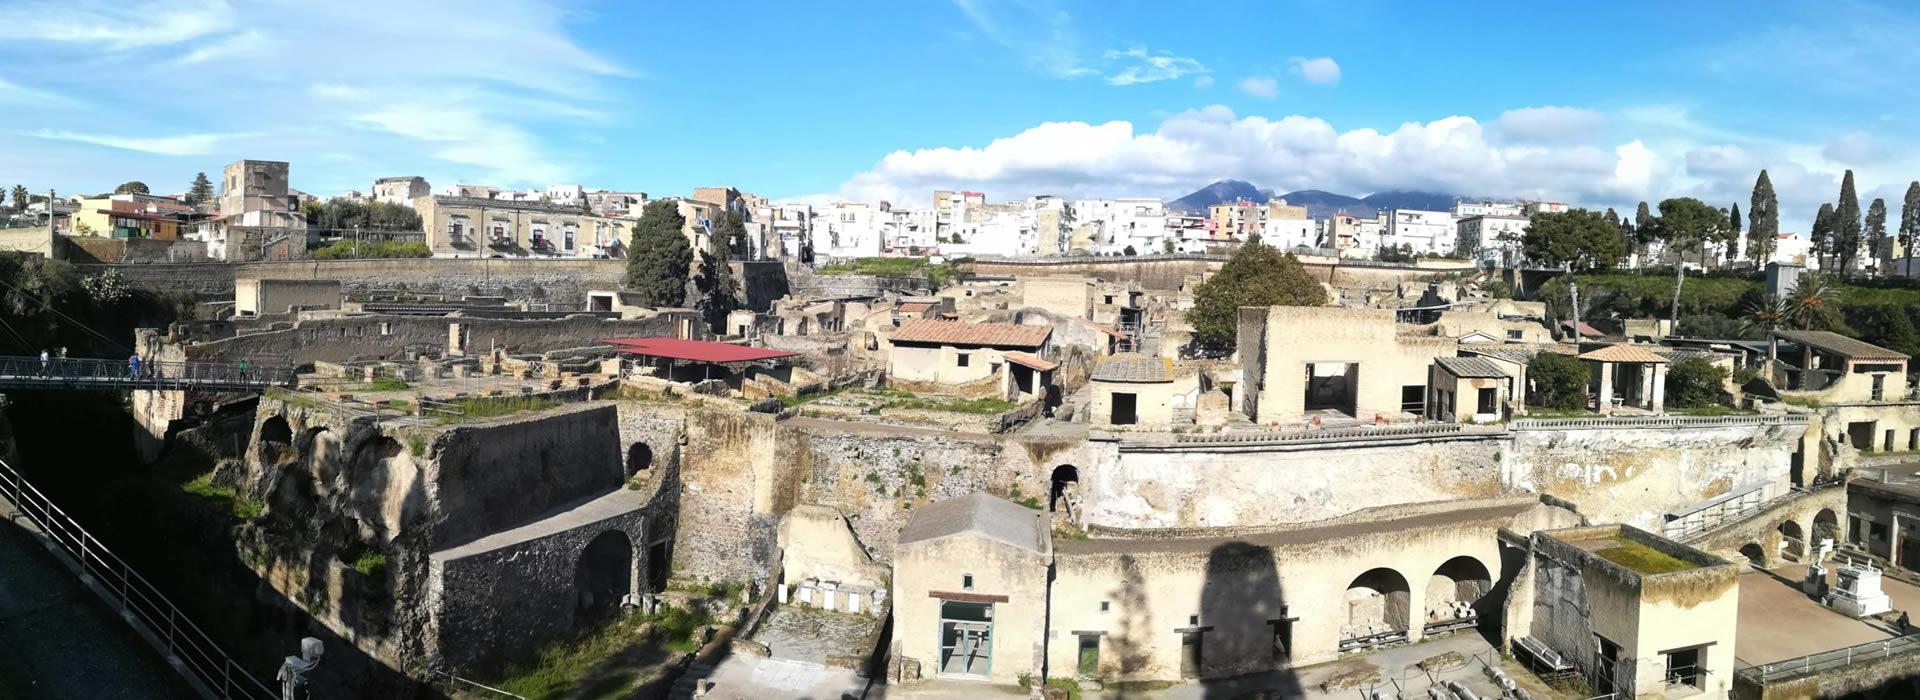 Tour Ercolano - Vesuvio da Pompei